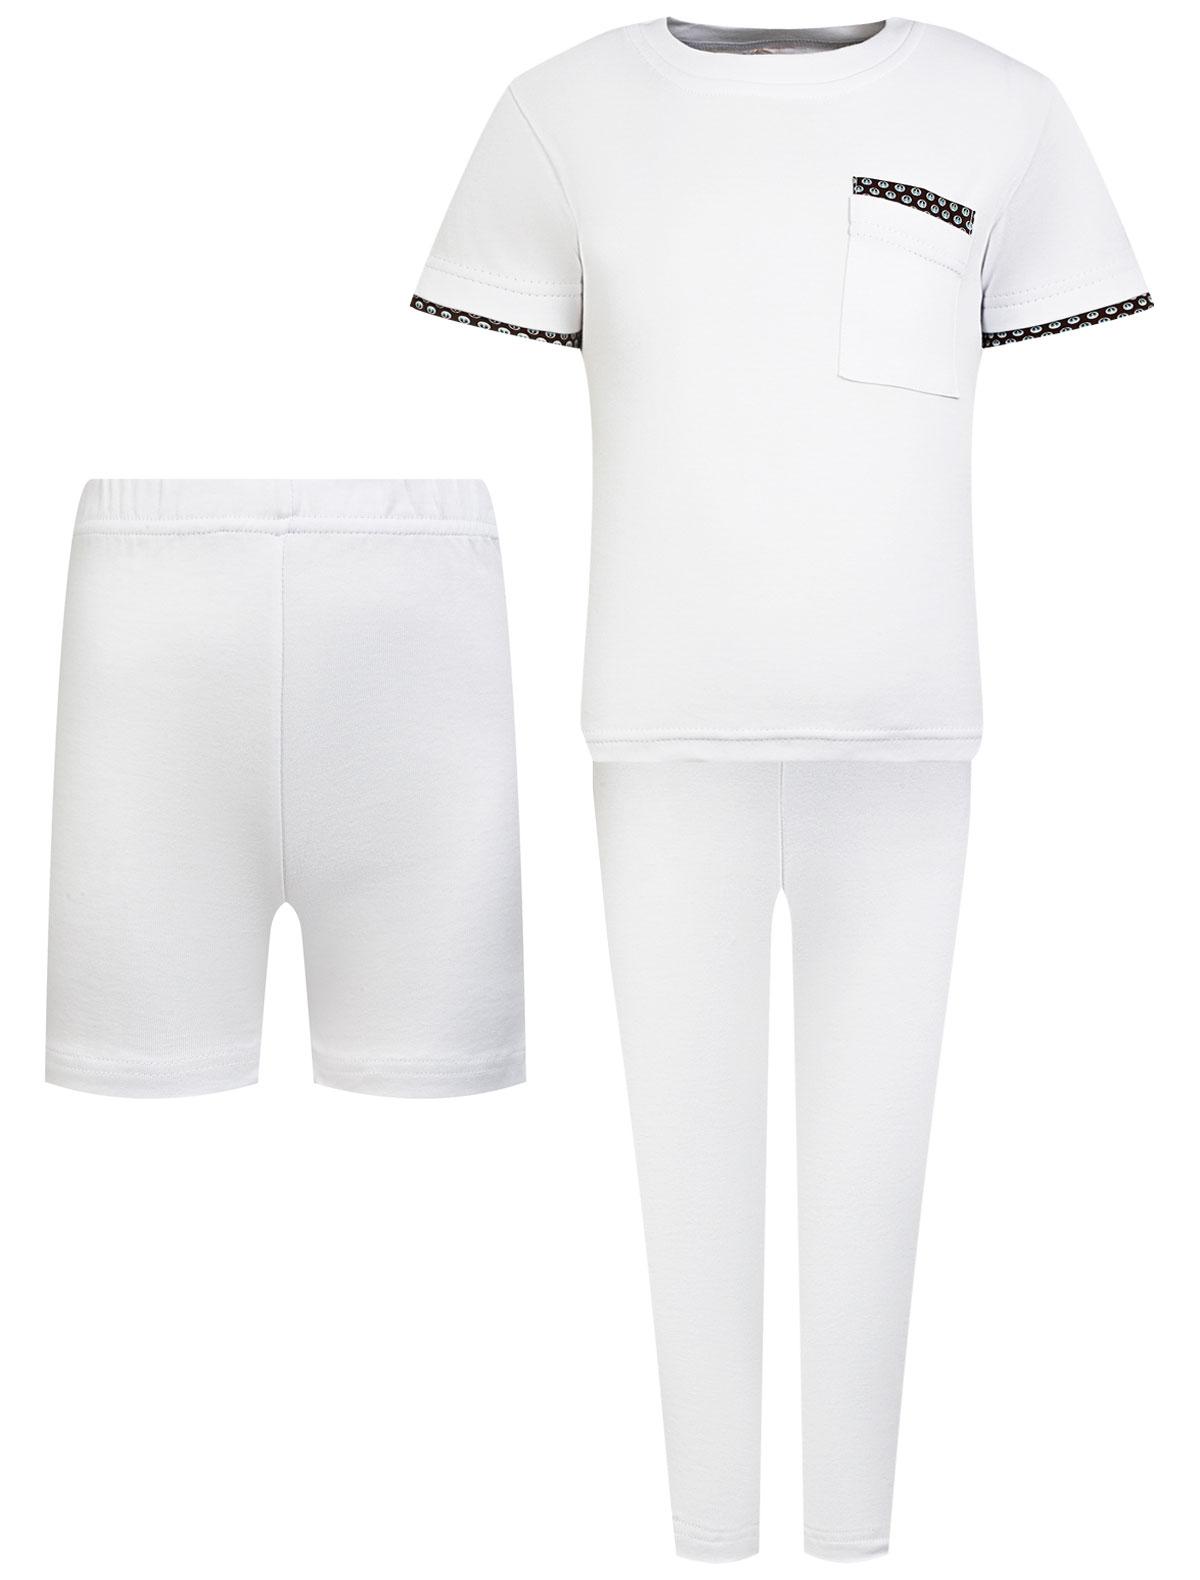 Купить 2351133, Пижама Backary, белый, Мужской, 0214510180095